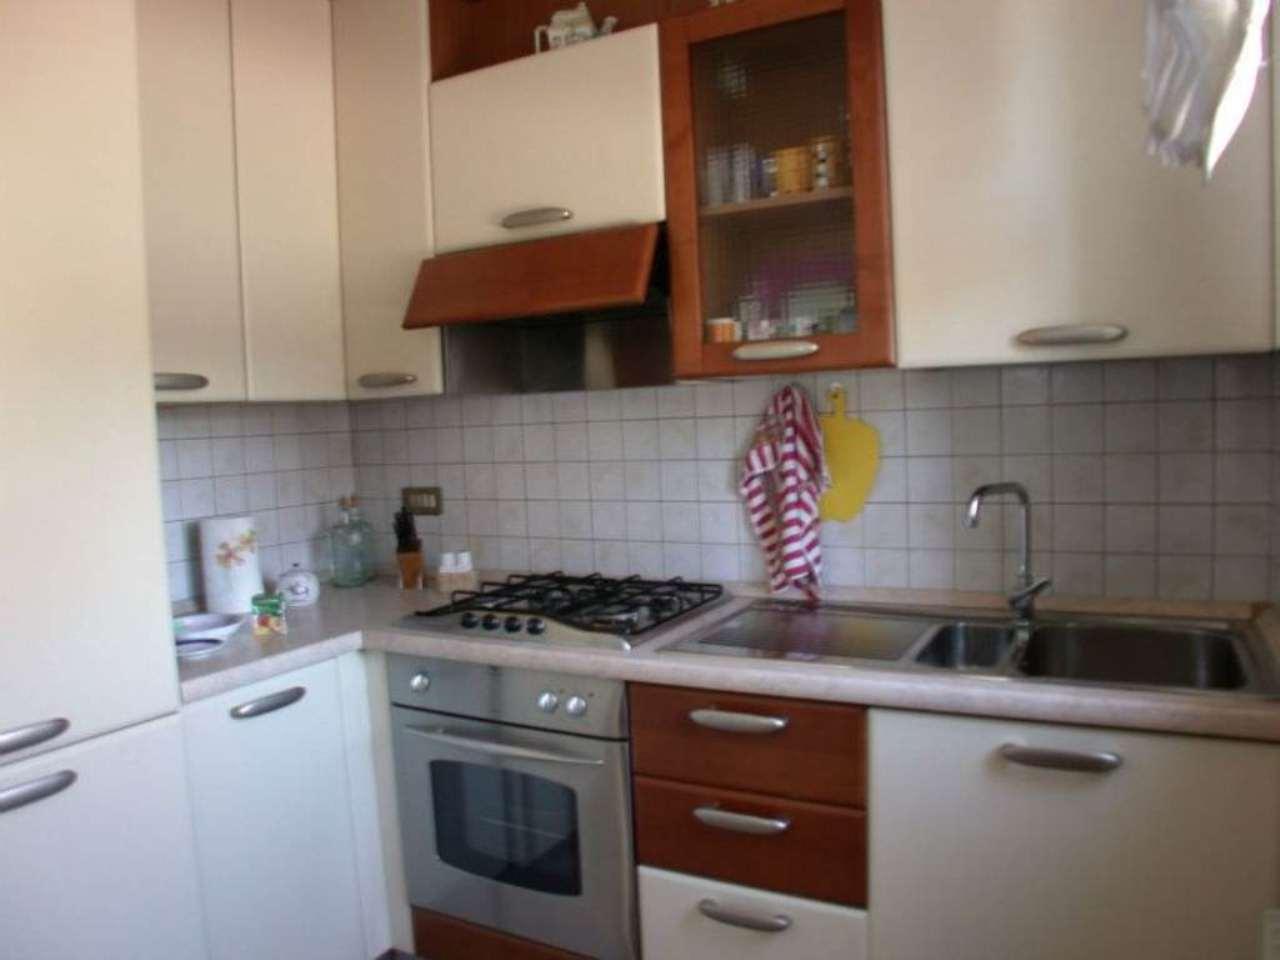 Appartamento in vendita a Carbonera, 2 locali, prezzo € 90.000 | CambioCasa.it